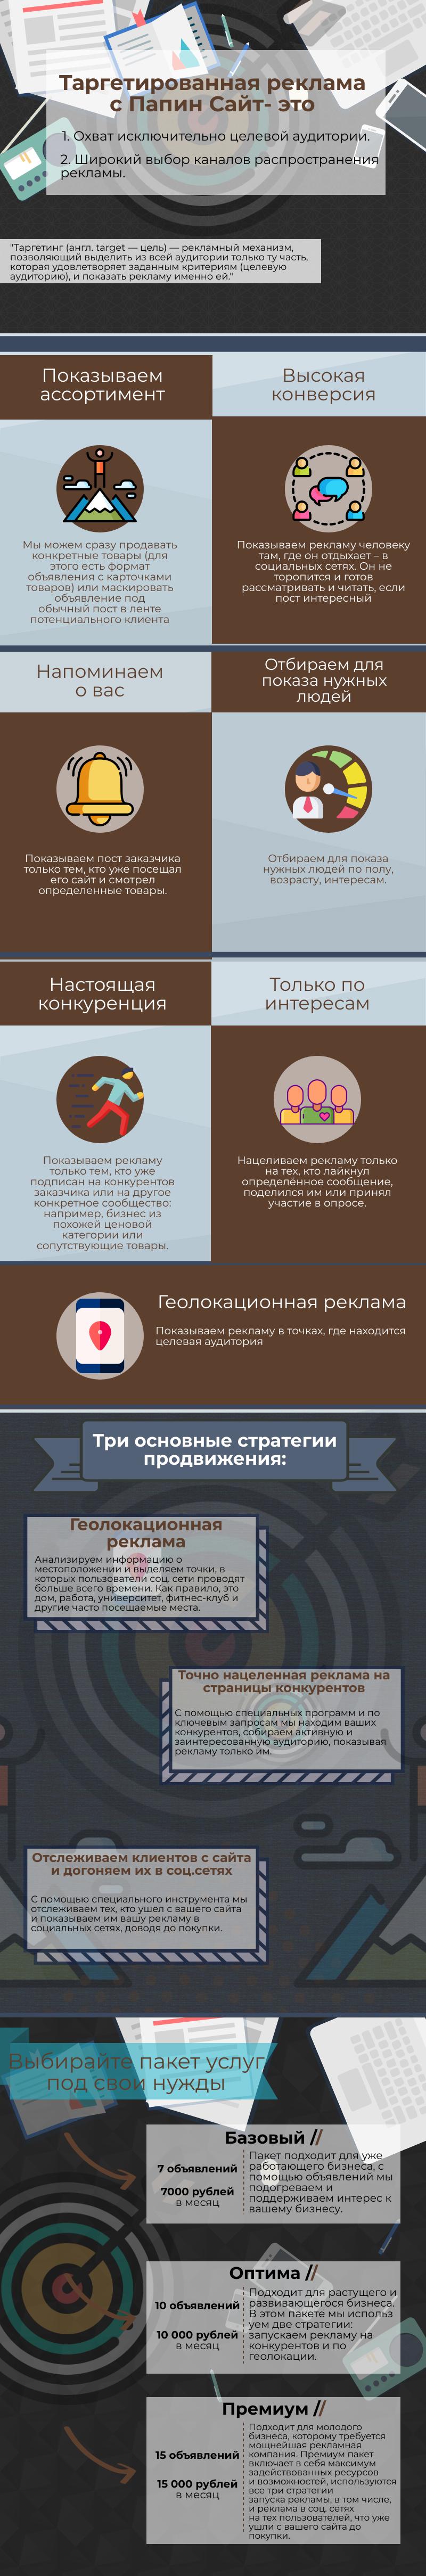 таргетированная реклама в Москве веб студия Папин Сайт